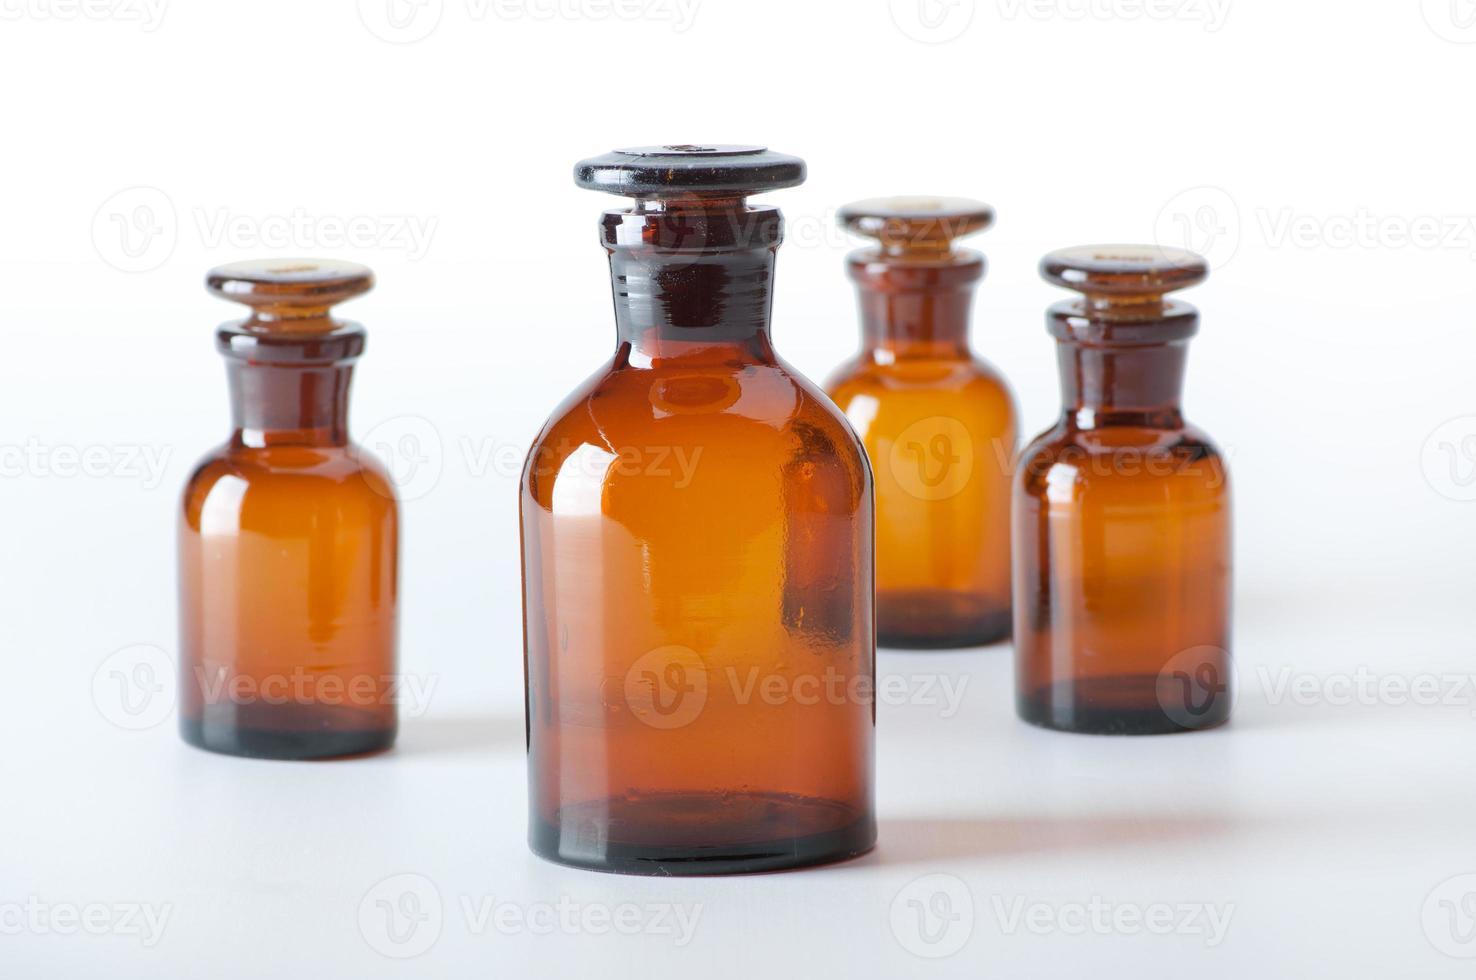 pequeñas botellas de vidrio químico foto